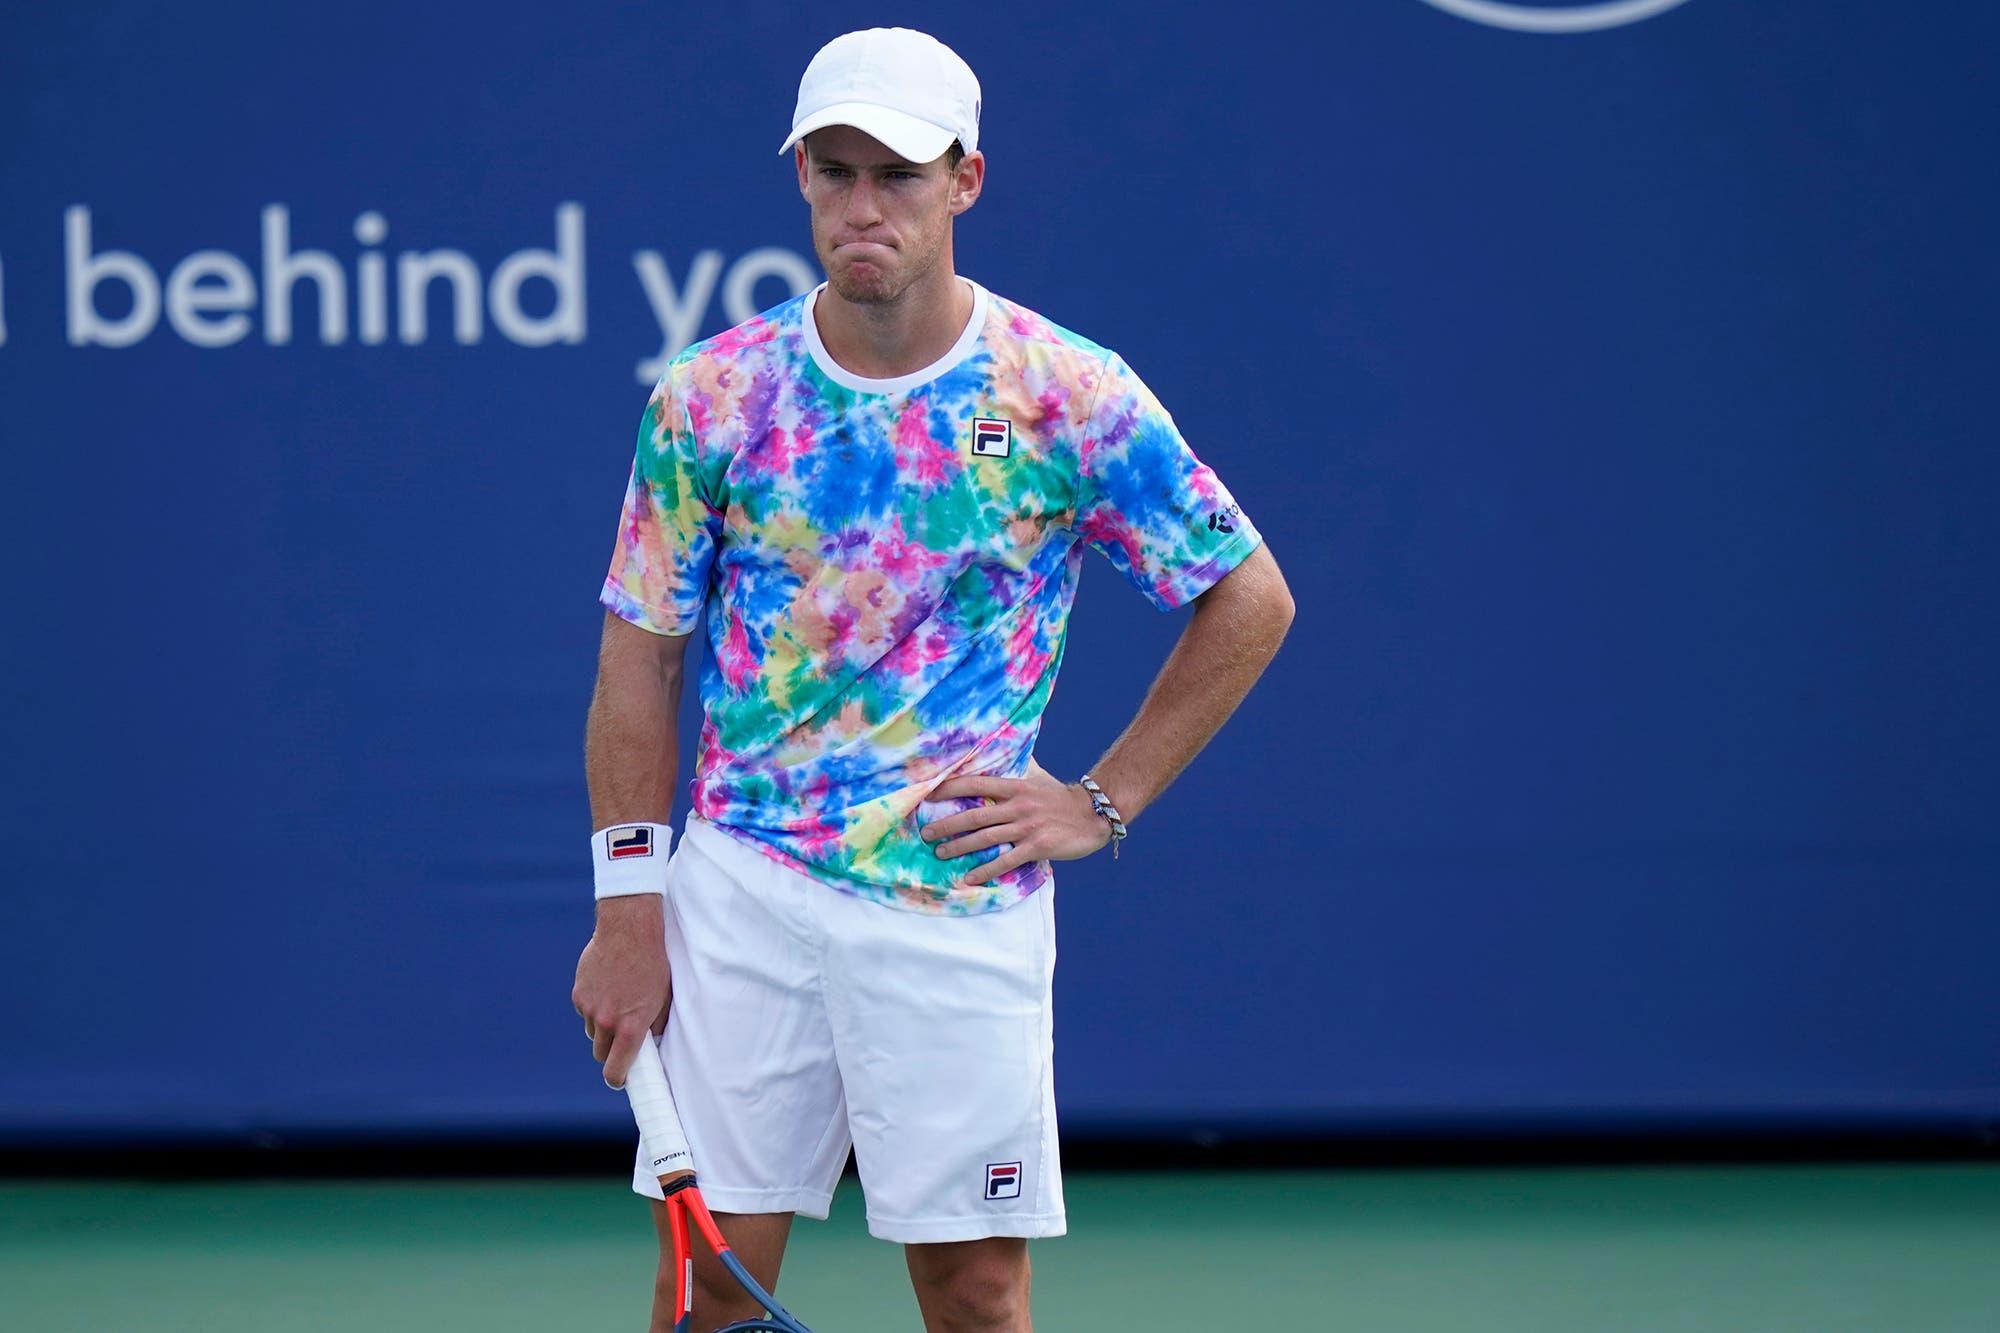 """Masters 1000 de Cincinnati. Diego Schwartzman se despidió con una derrota ante Reilly Opelka: """"Jugué un partido horrible"""""""